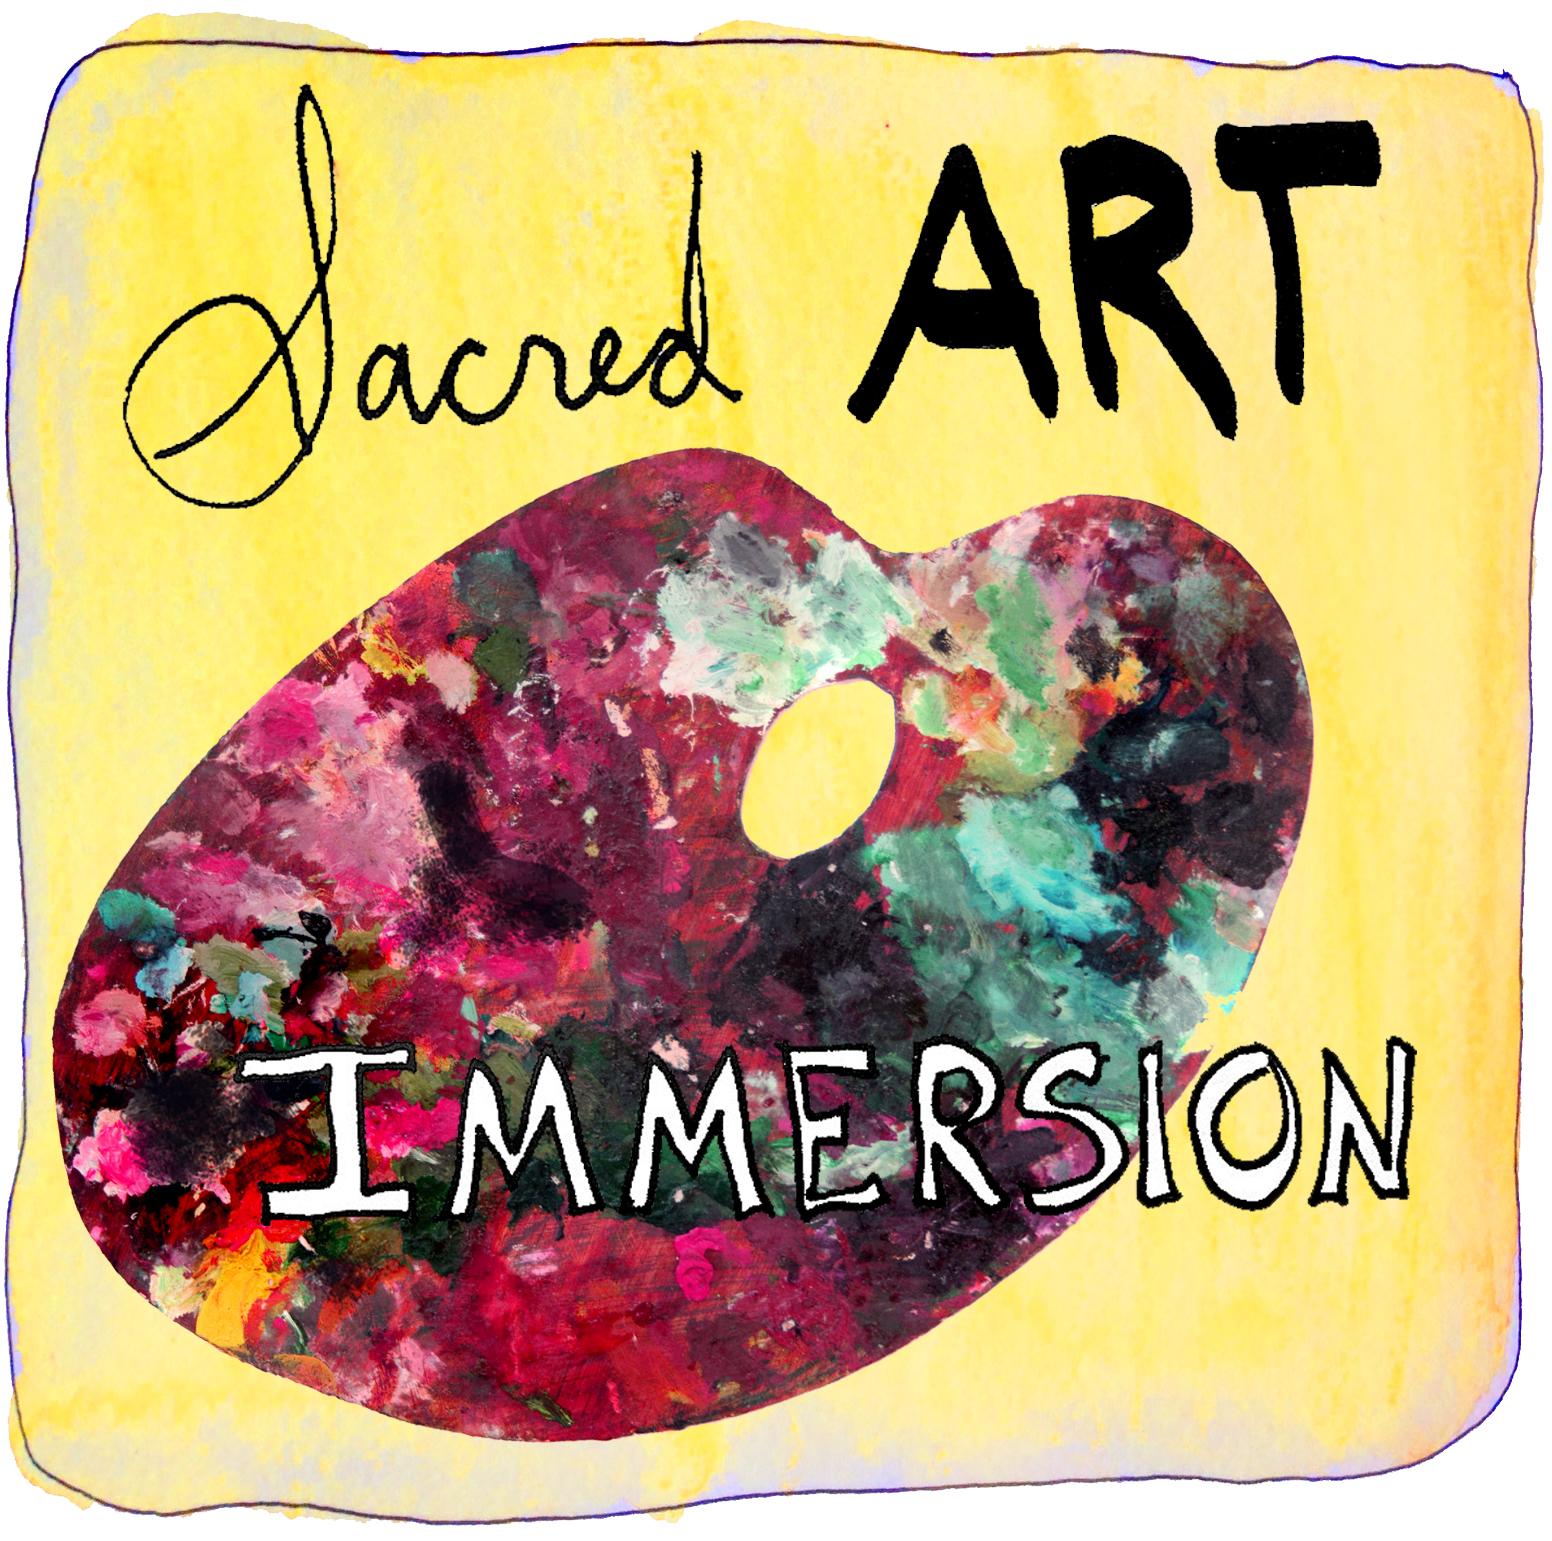 sacred art immersion.jpg